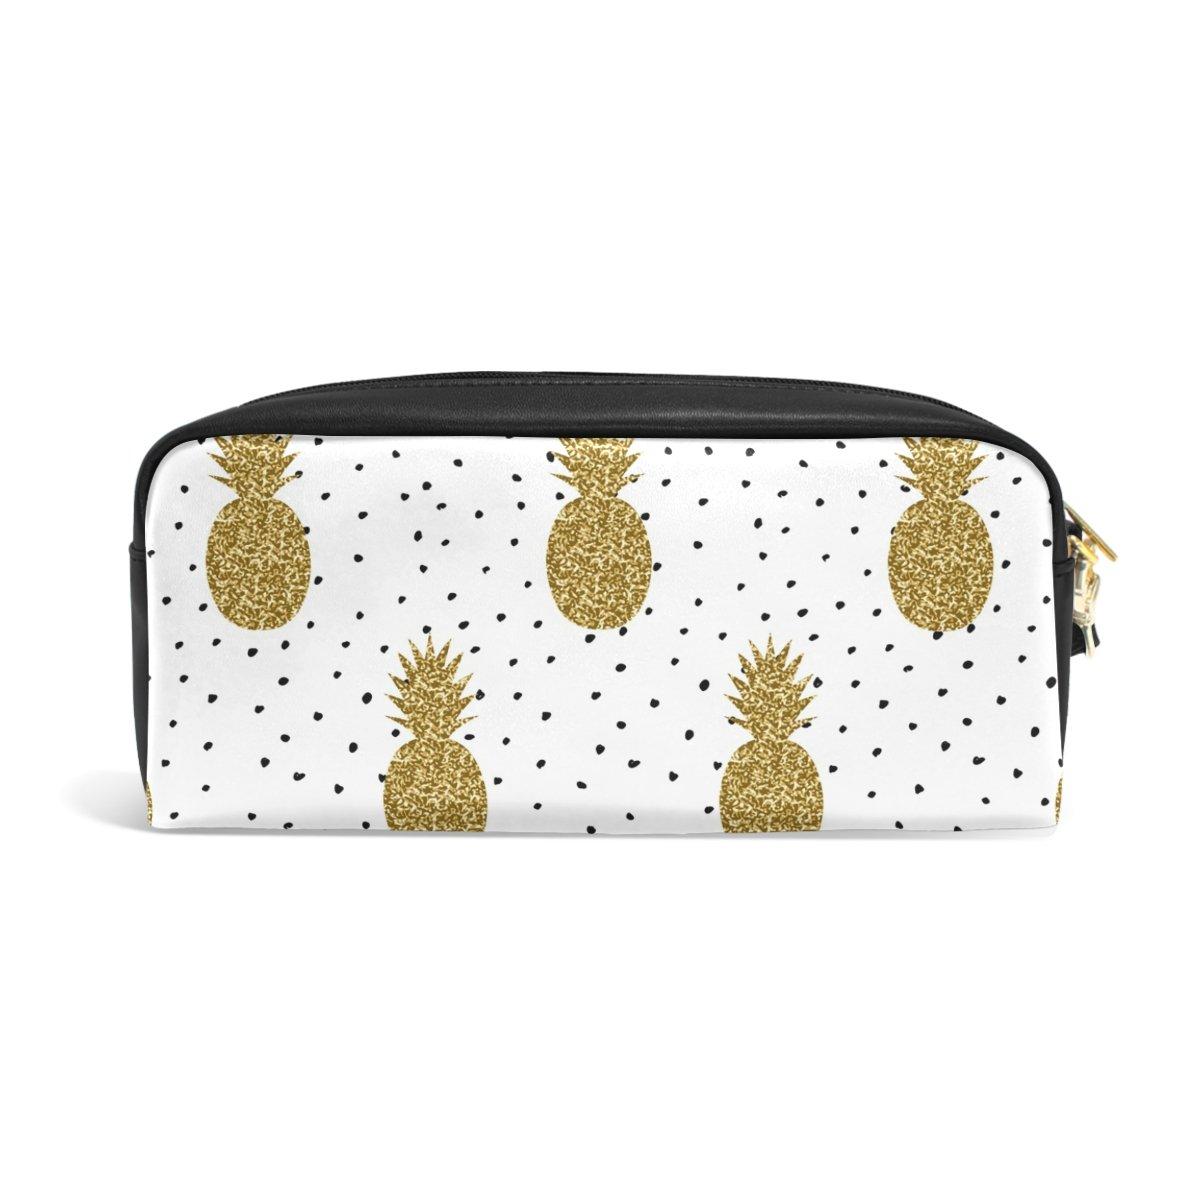 zzkko dorado con purpurina piñas en negro y blanco lunares de funda de lunares piel cremallera lápiz pluma estacionaria bolso de la bolsa de cosméticos bolsa bolso de mano d50027